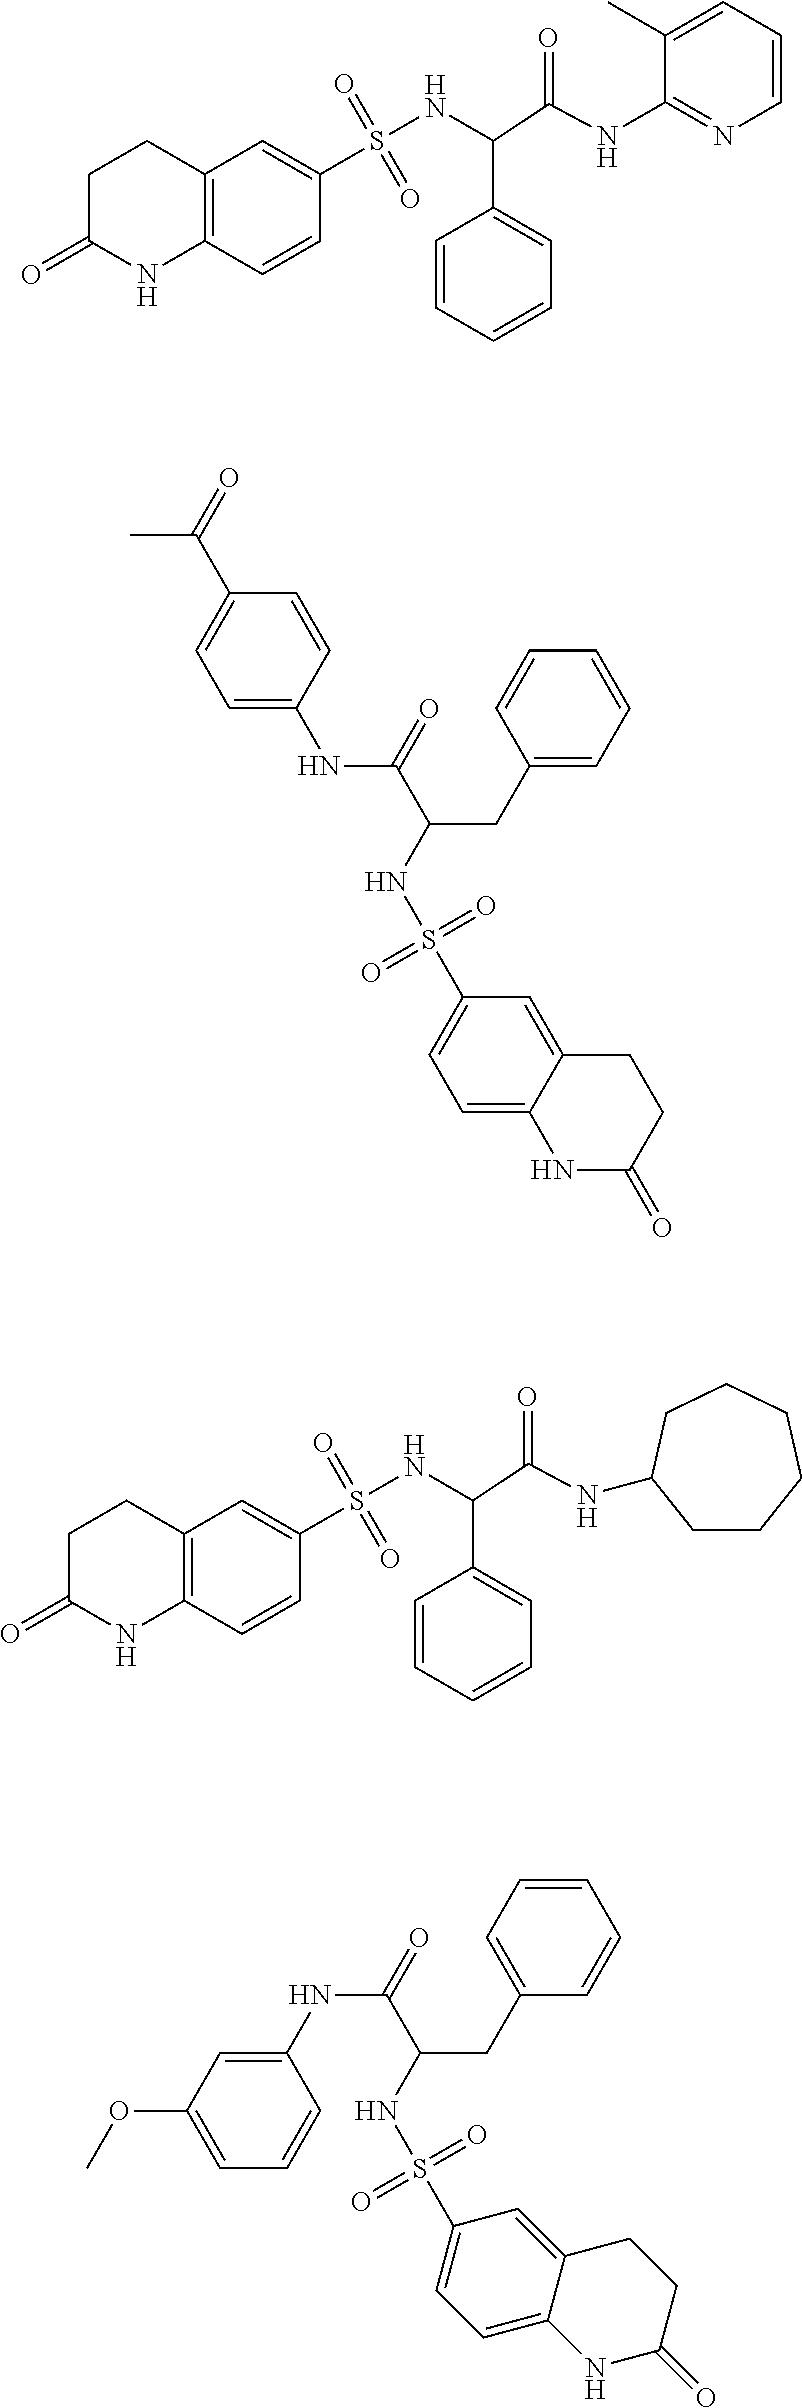 Figure US08957075-20150217-C00008